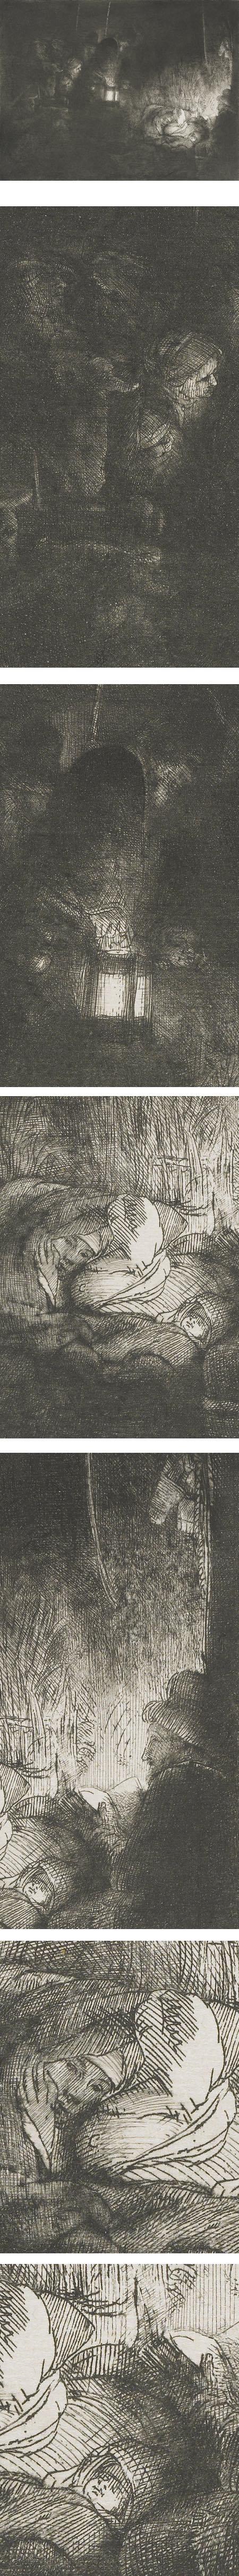 The Adoration of the Shepherds, Rembrandt Harmenz van Rijn